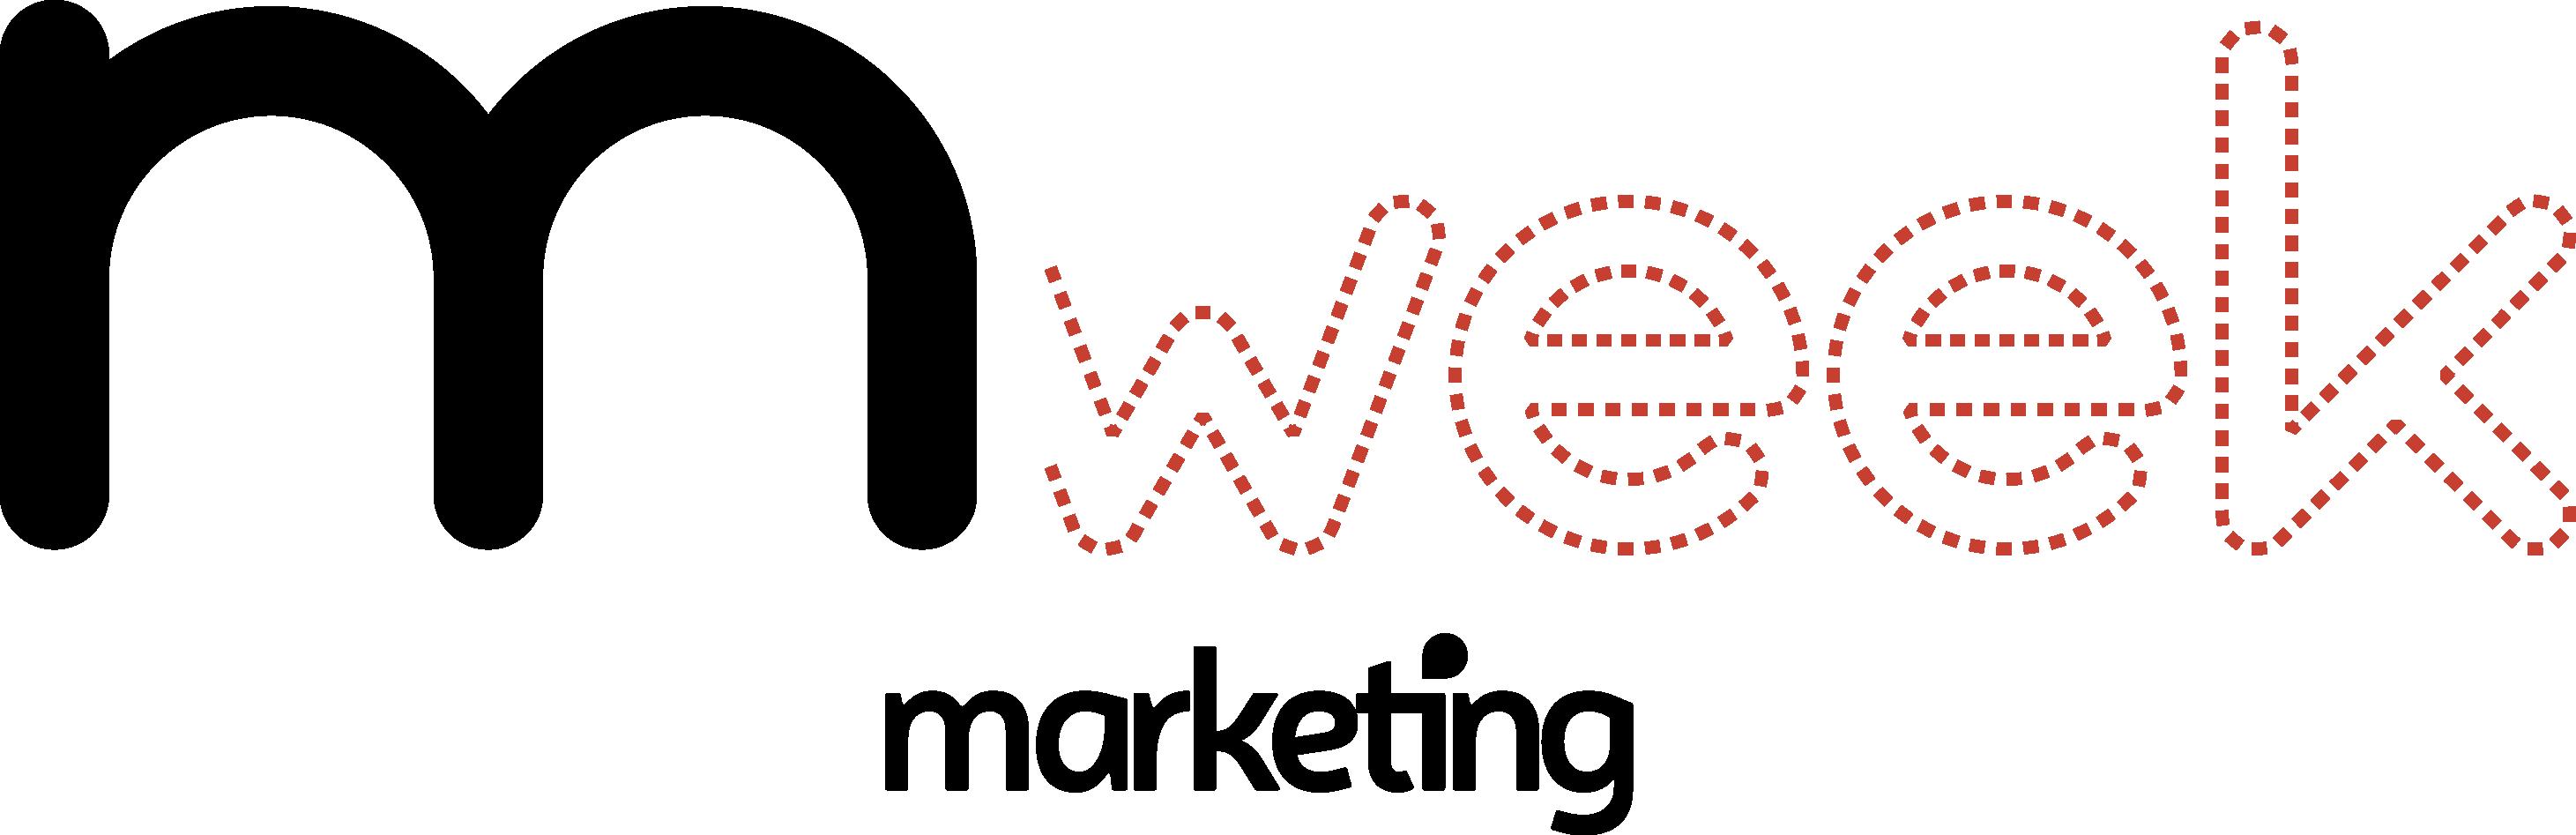 logo marketing week